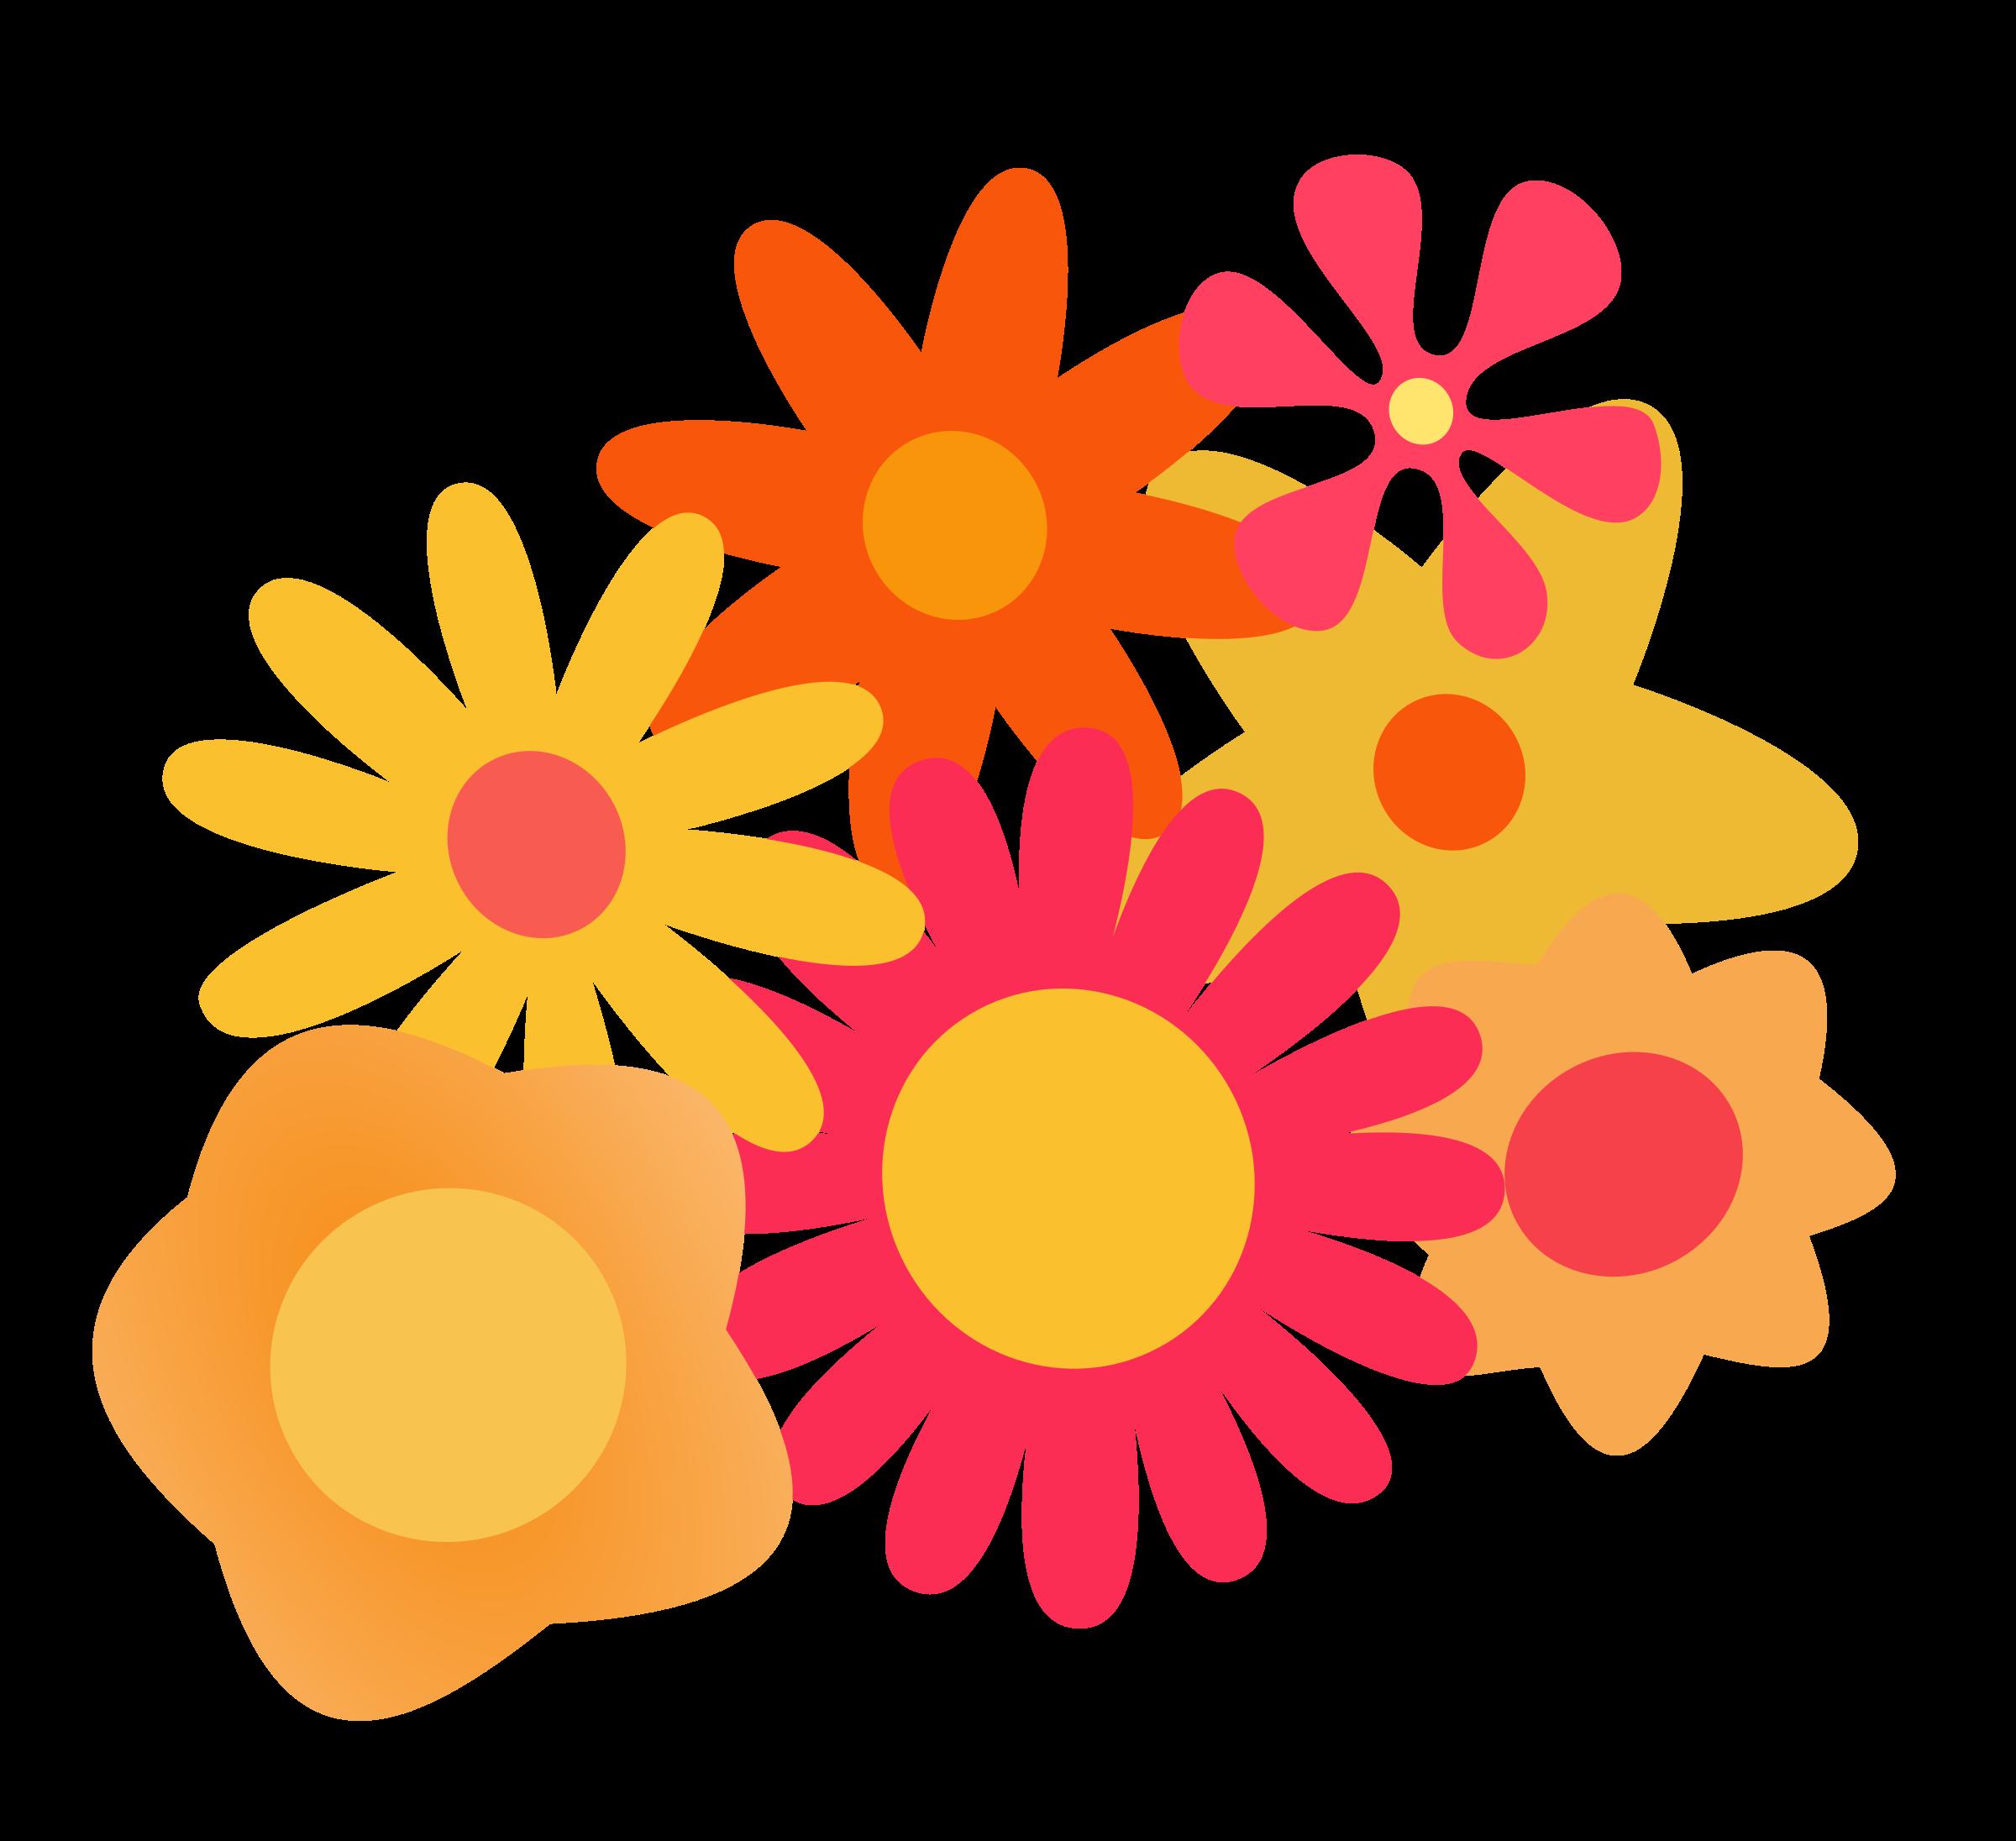 Cluster big image png. Clipart flower orange